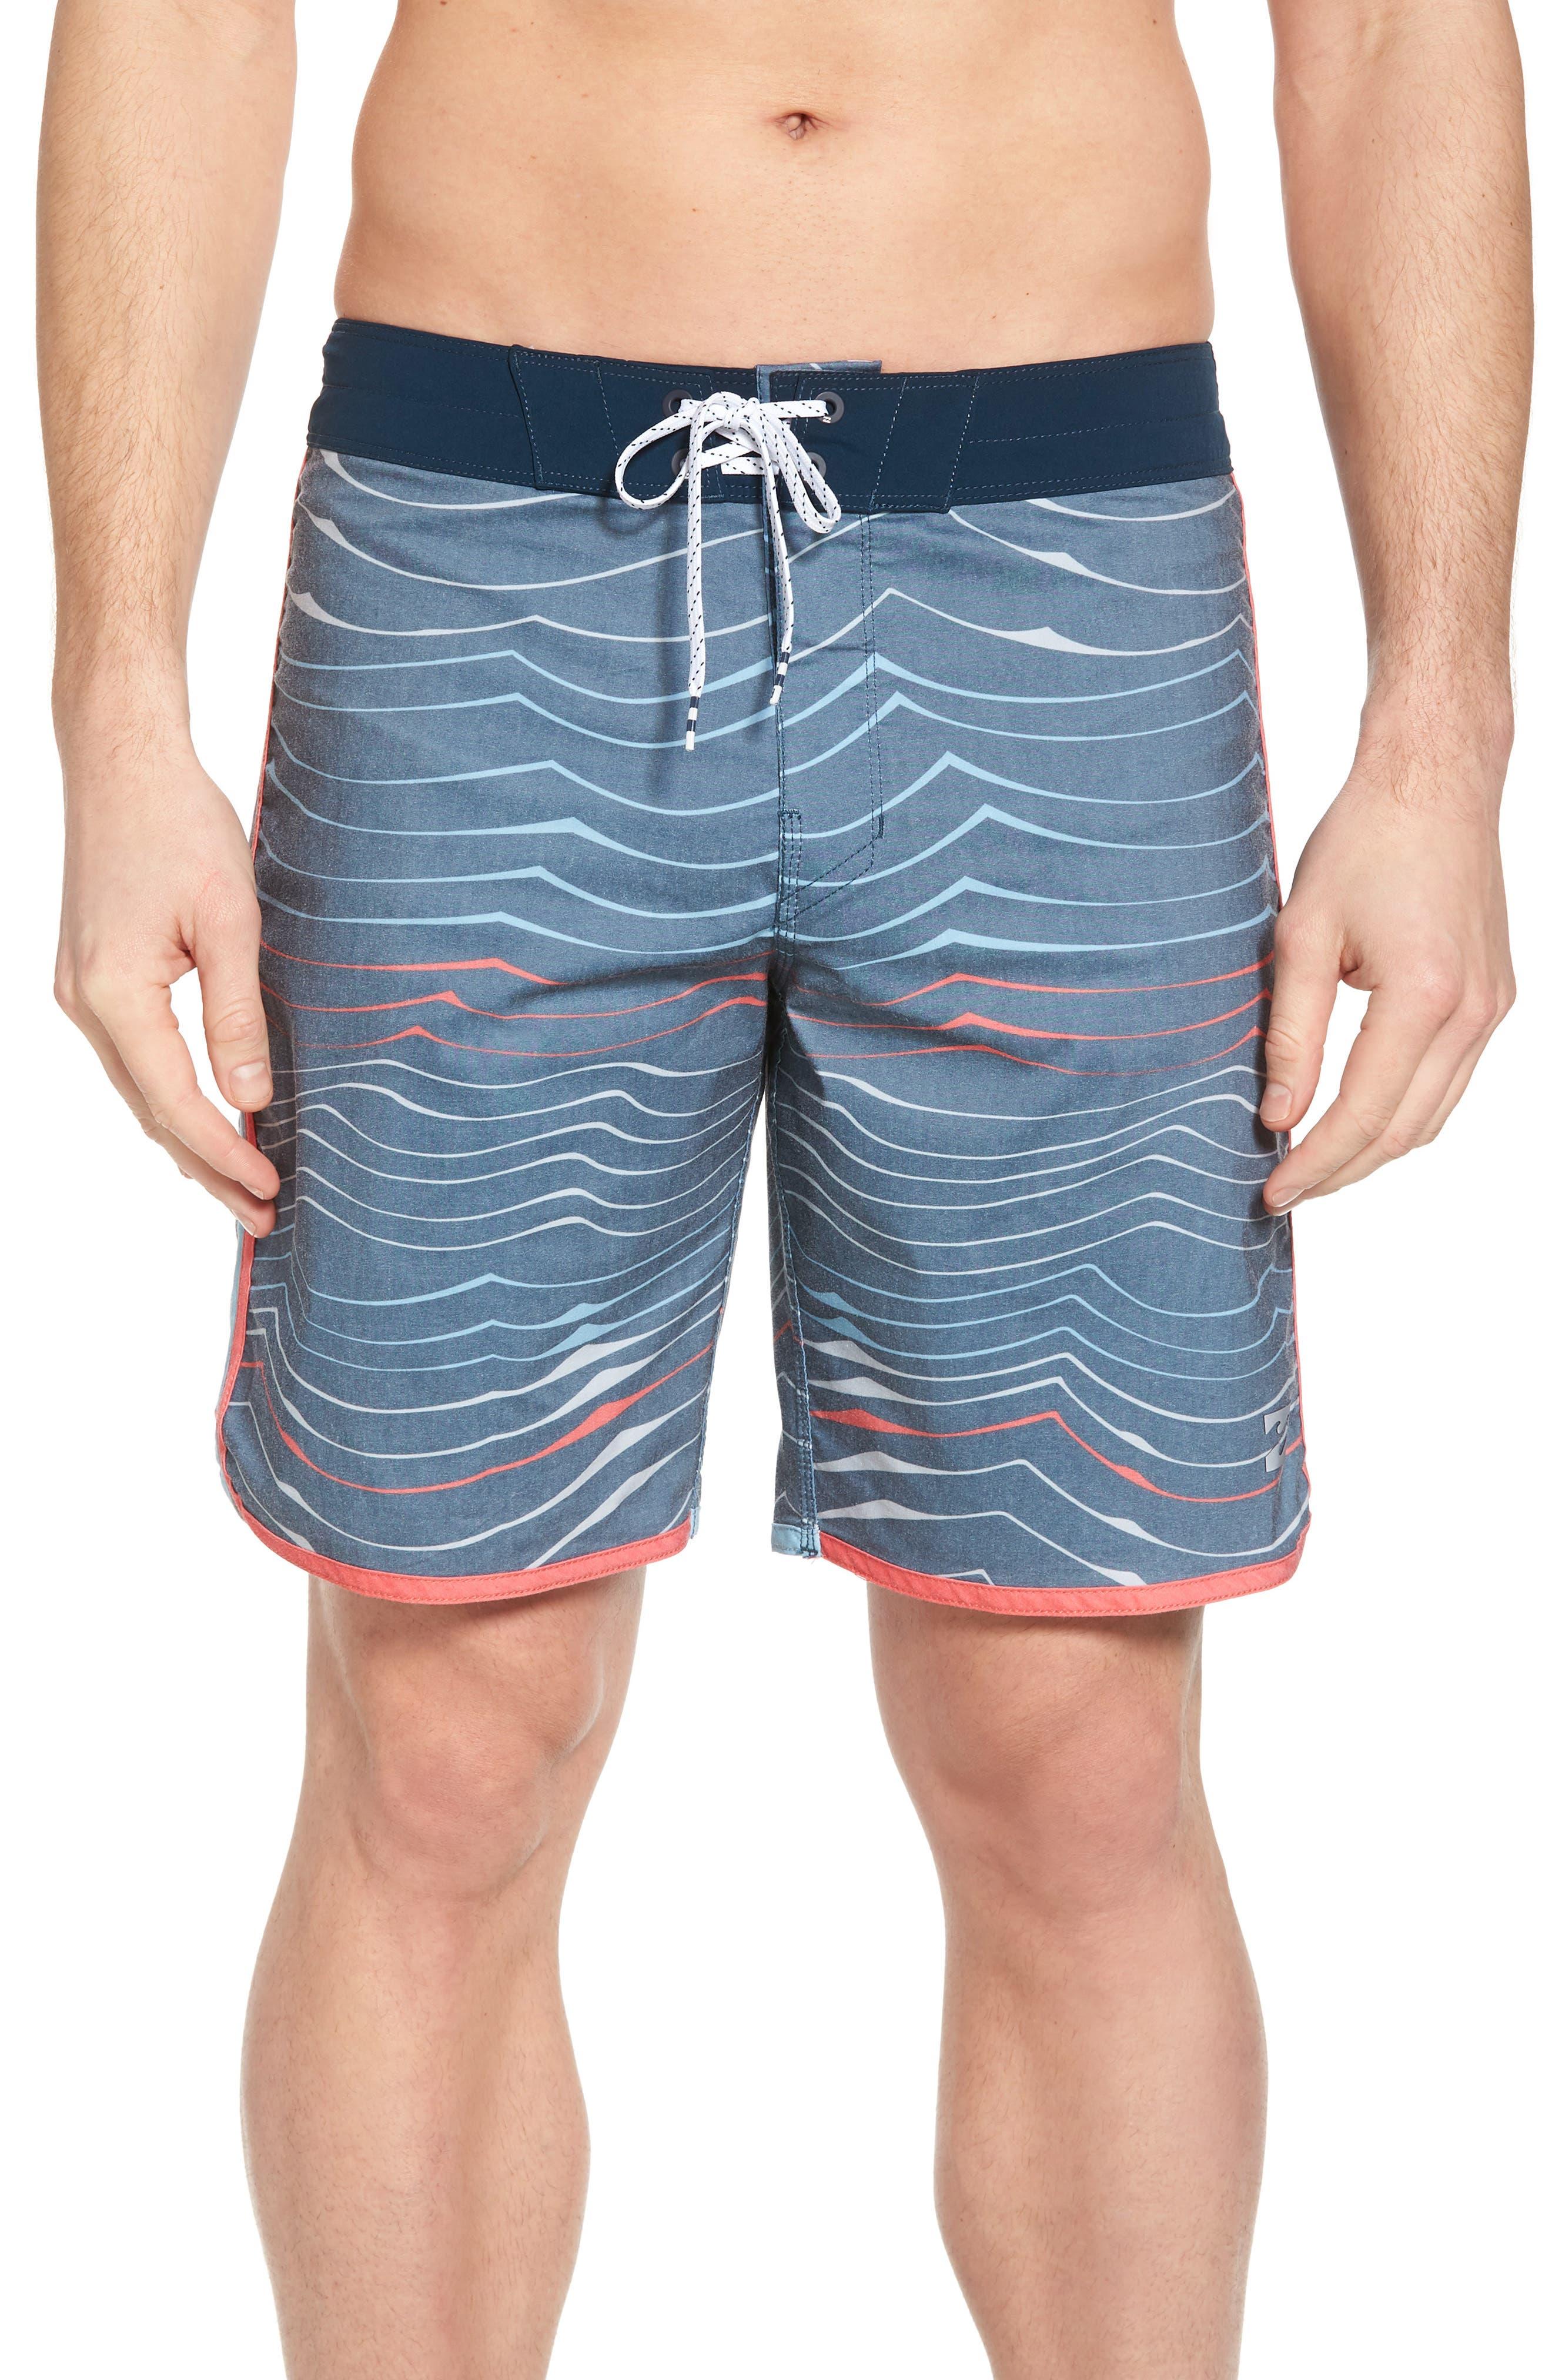 73 X Lineup Board Shorts,                             Main thumbnail 1, color,                             Navy